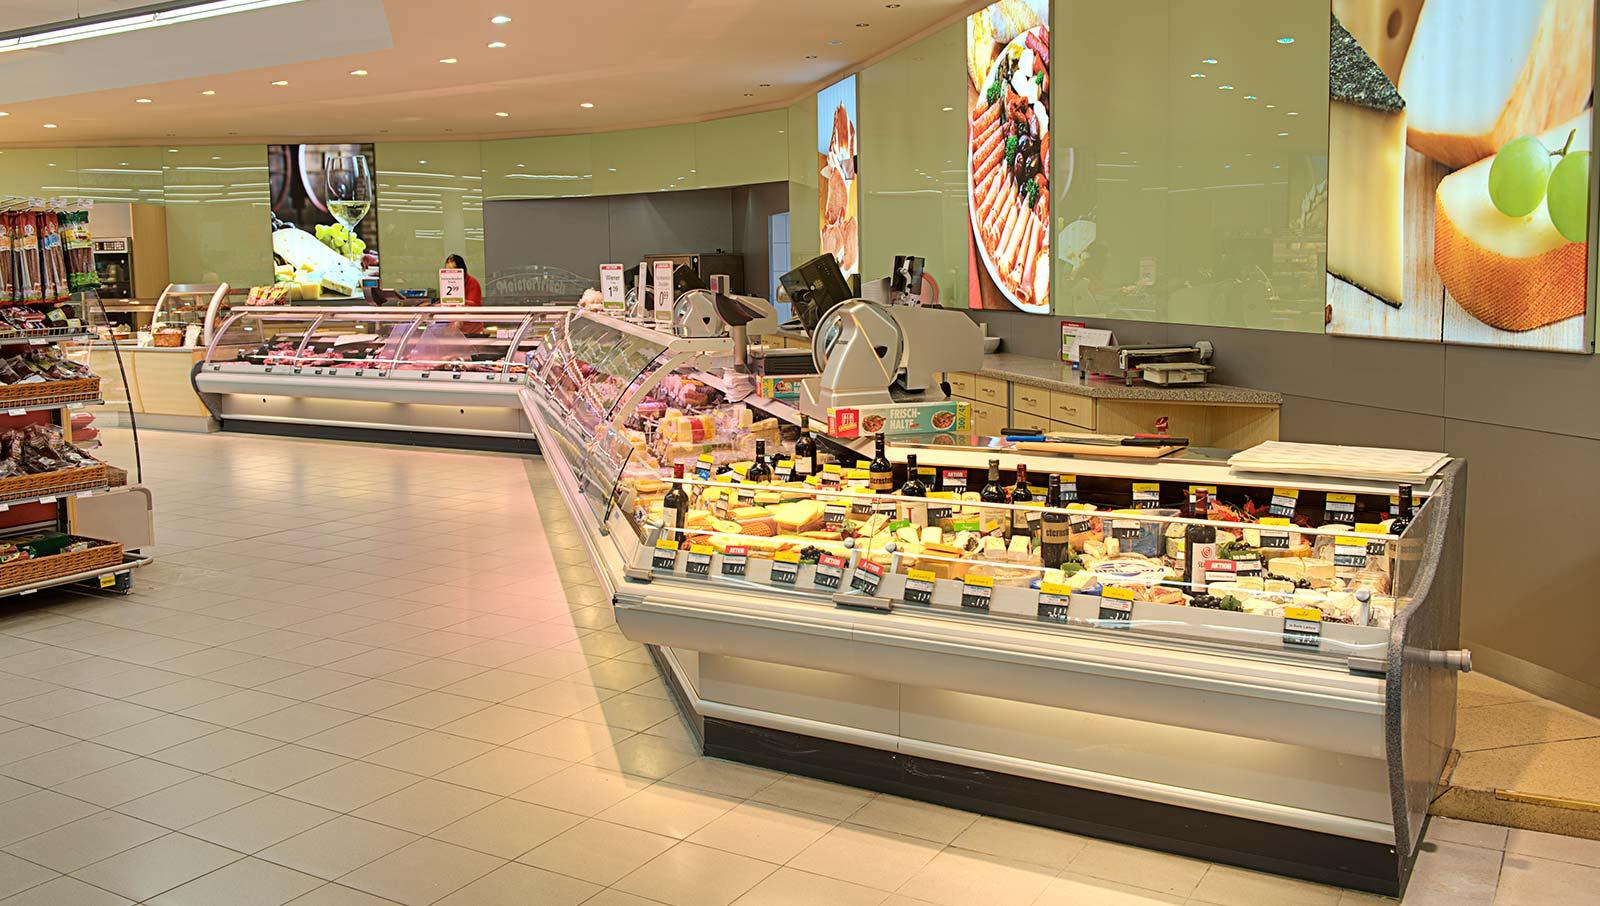 Die bestens sortierte Feinkosttheke im Nah&Frisch-Supermarkt. © Reinhard Podolsky/mediadesign